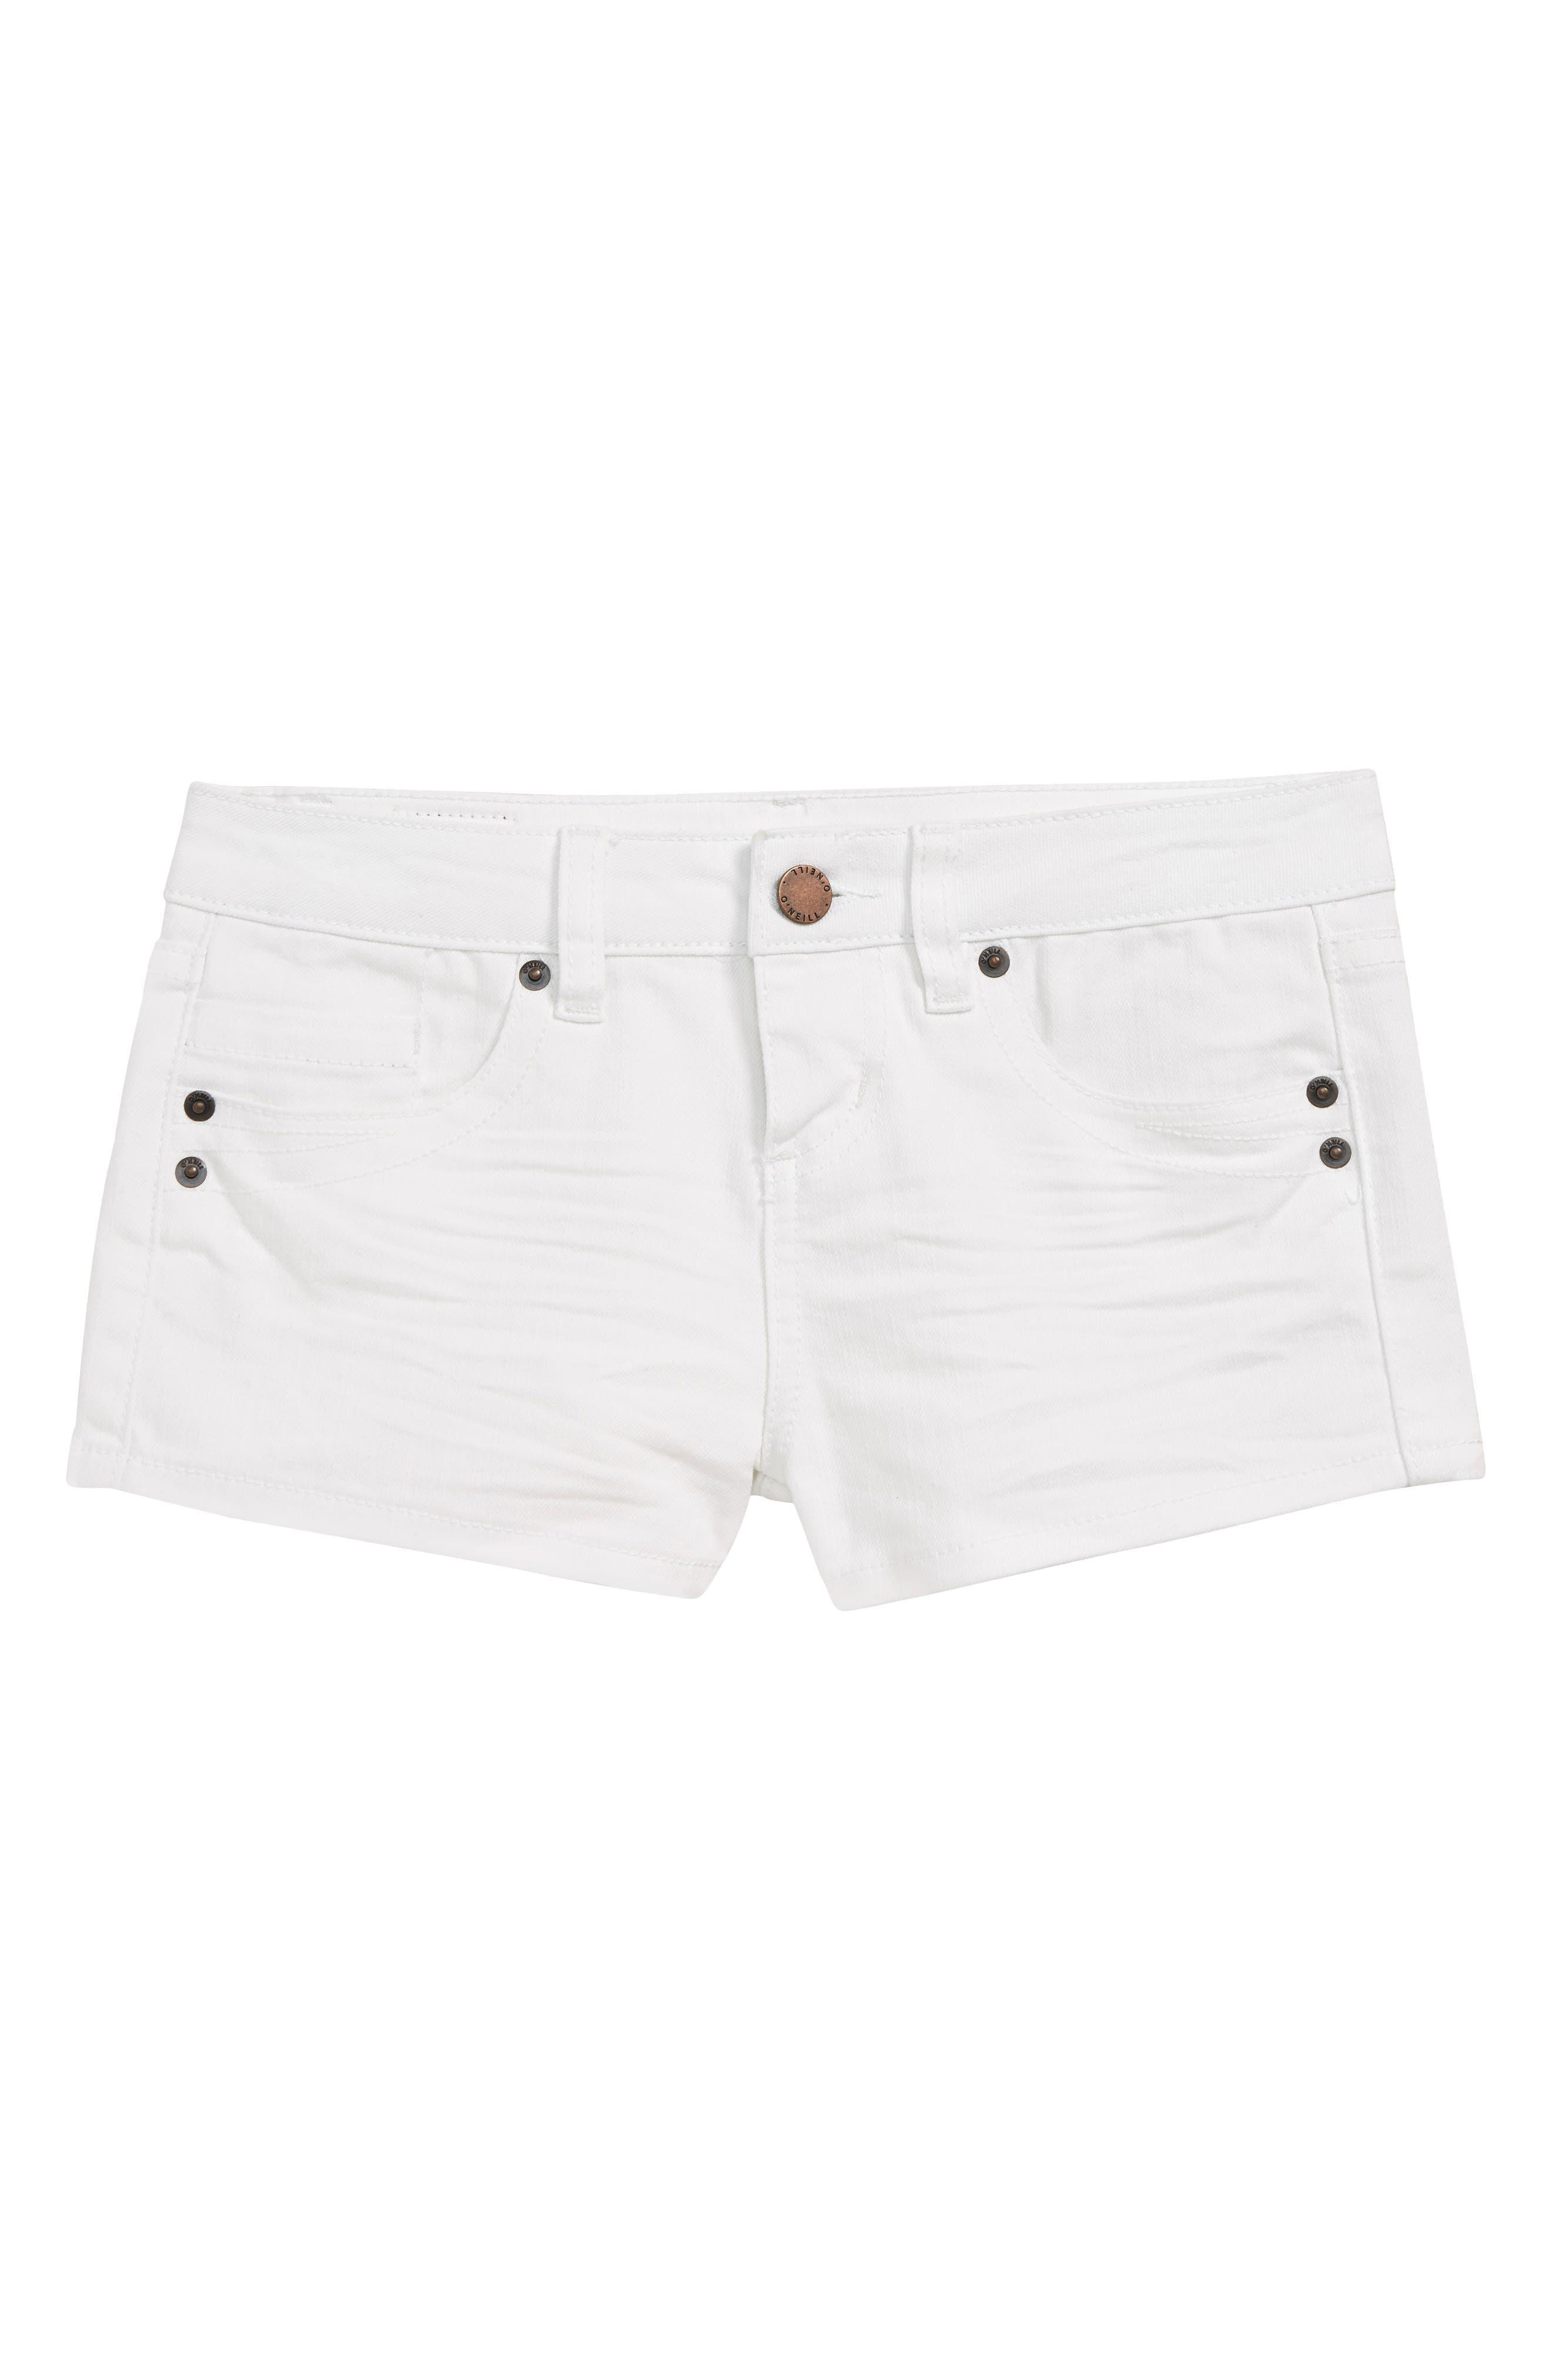 O'NEILL Waidly Denim Shorts, Main, color, WHITE